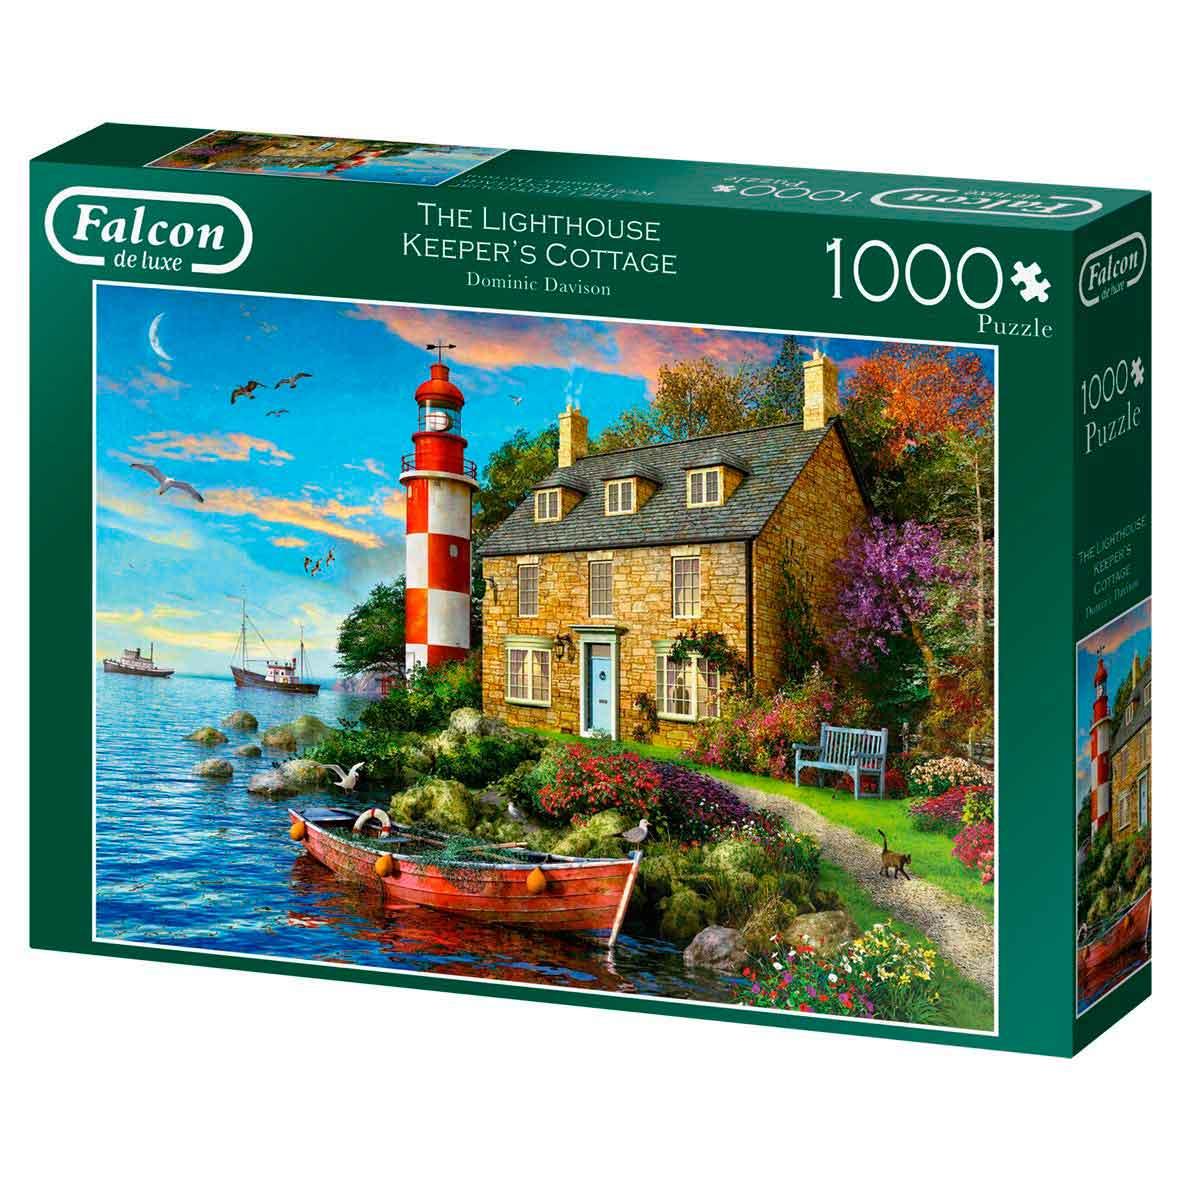 Puzzle Falcon La Casa del Farero de 1000 Piezas